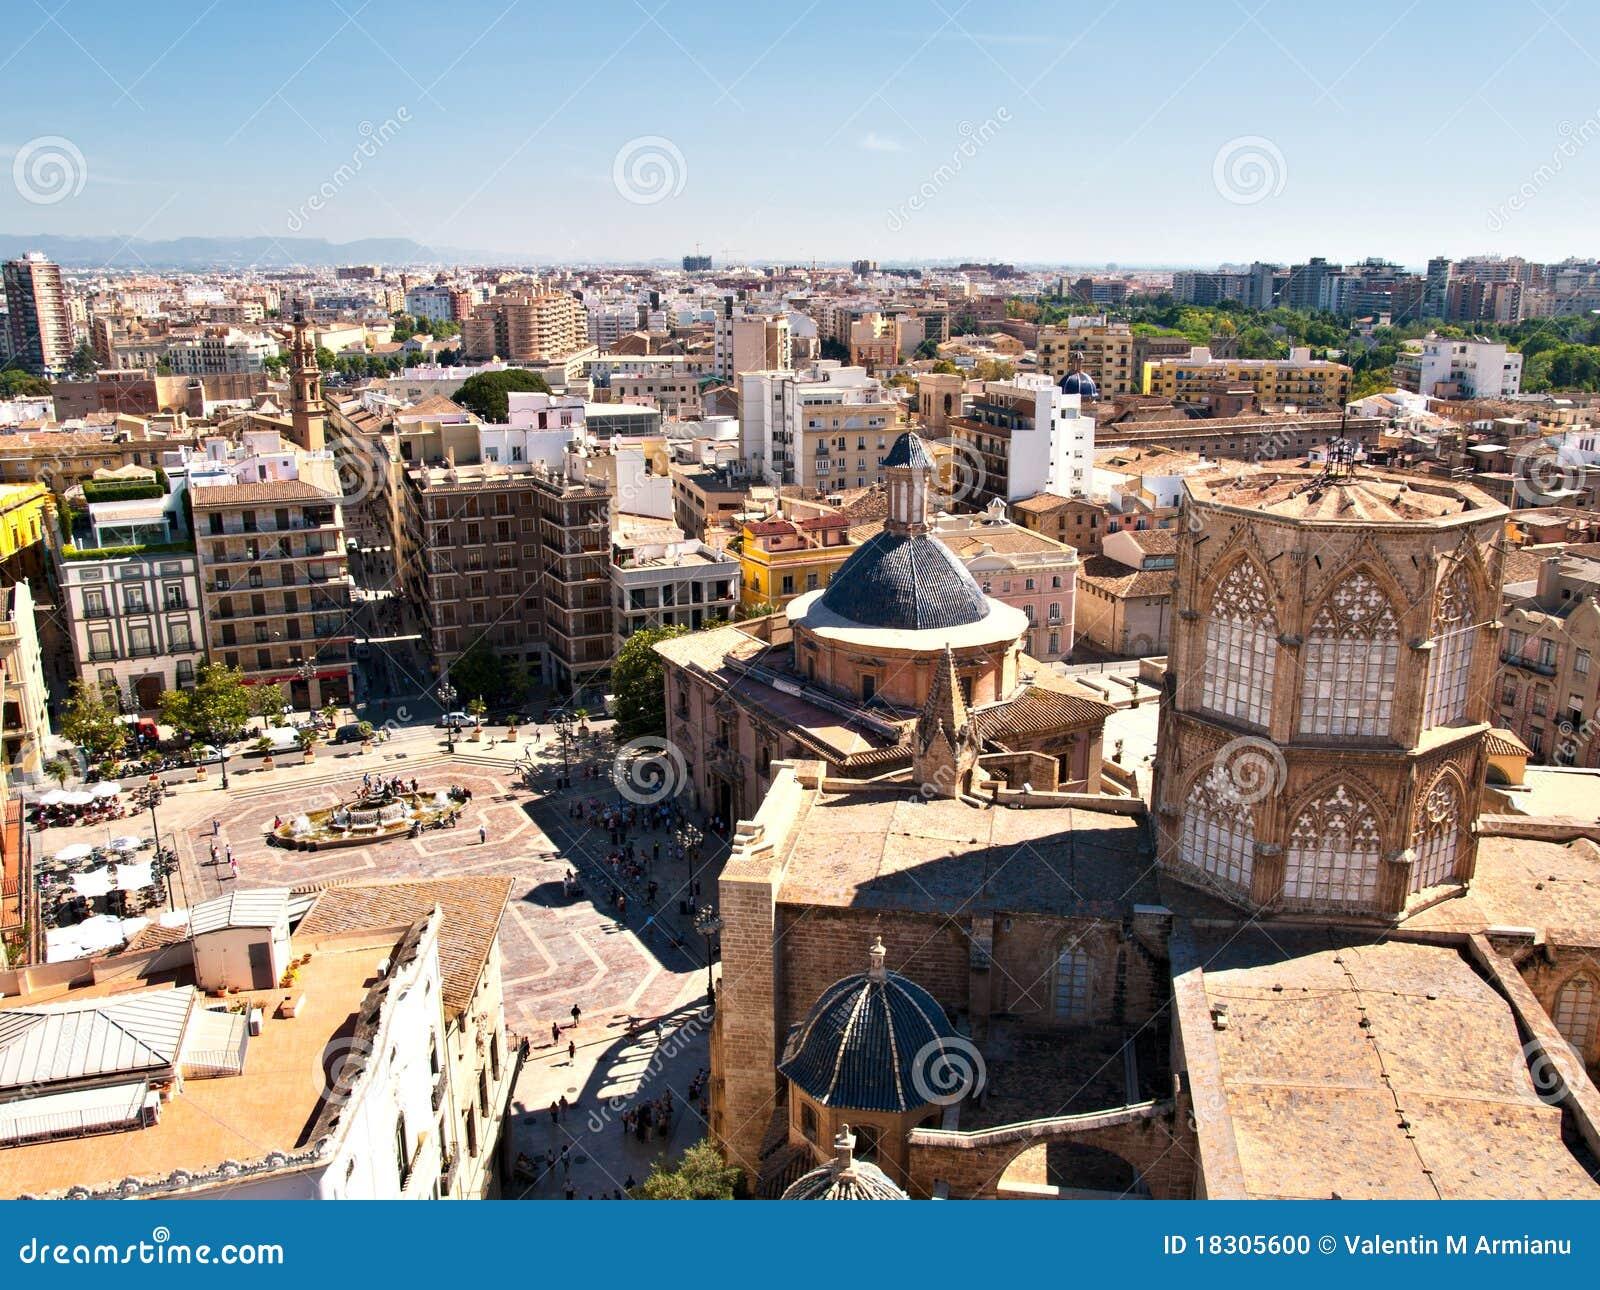 Panoramic view - Valencia